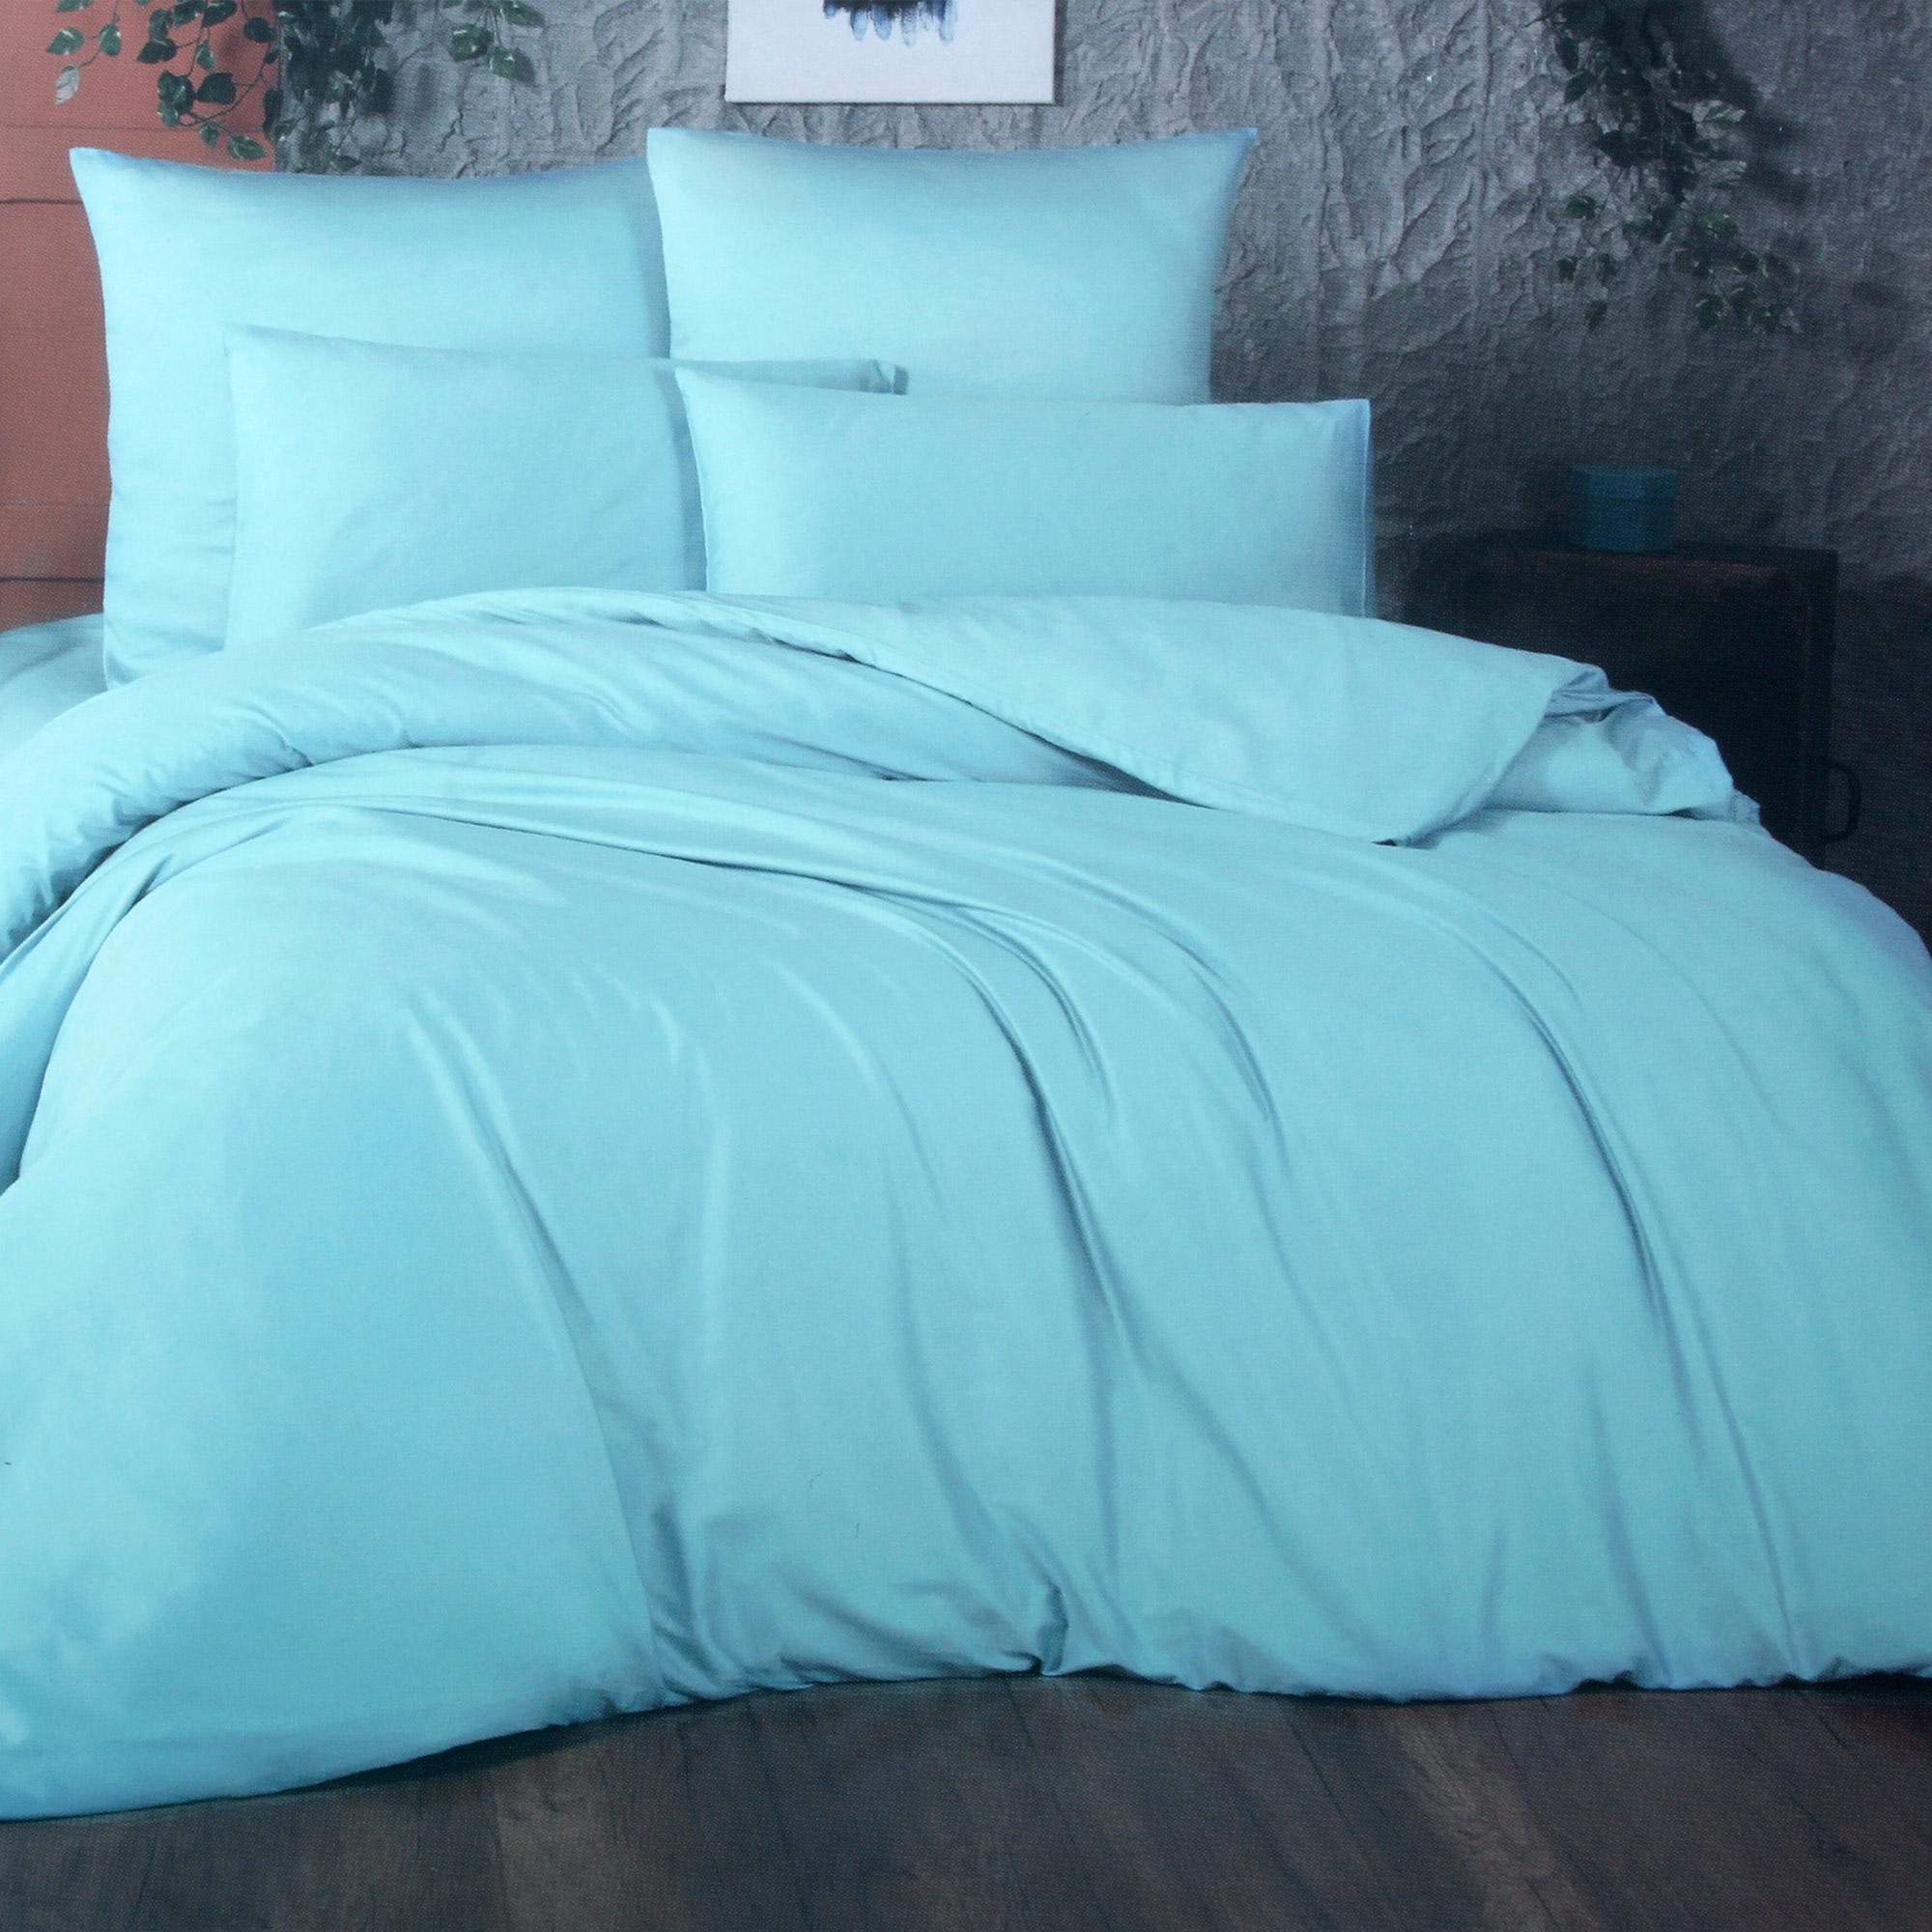 Фото - Комплект постельного белья La Besse Ранфорс синий Евро комплект постельного белья la besse ранфорс тёмно серый евро